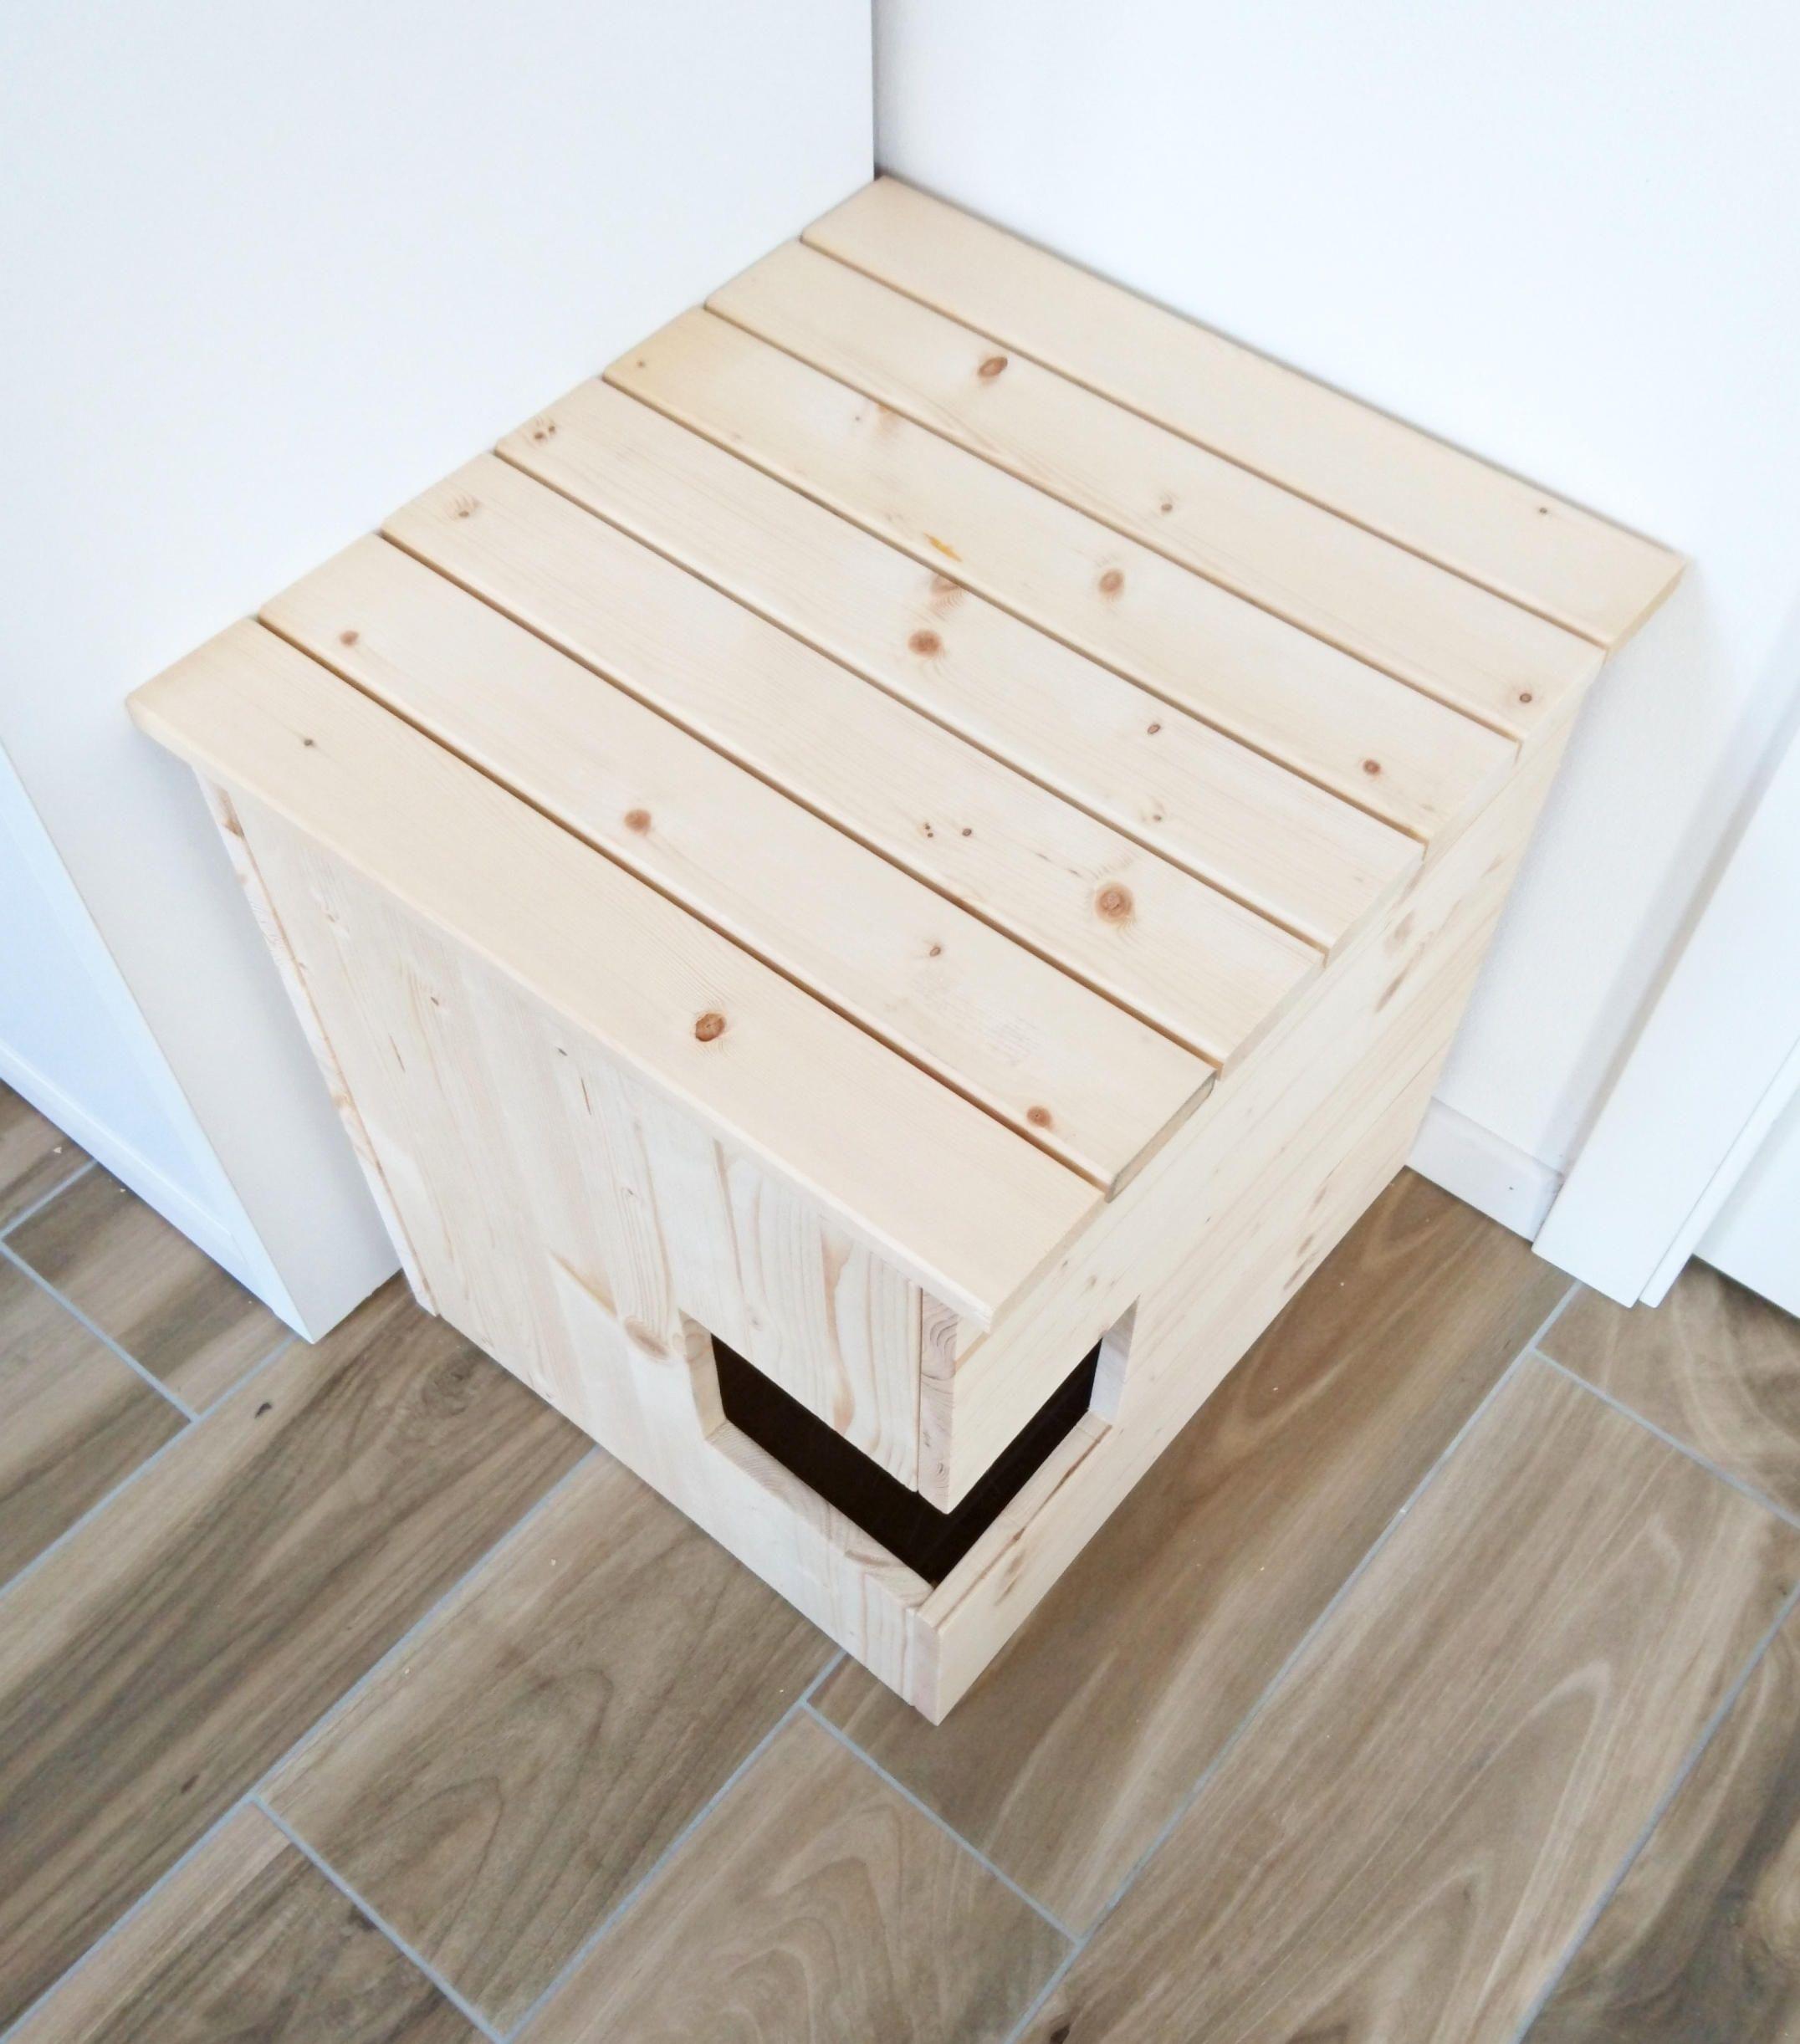 Ecke Wurf Box Abdeckung Haustier Haus Katze Wurf Box Schrank